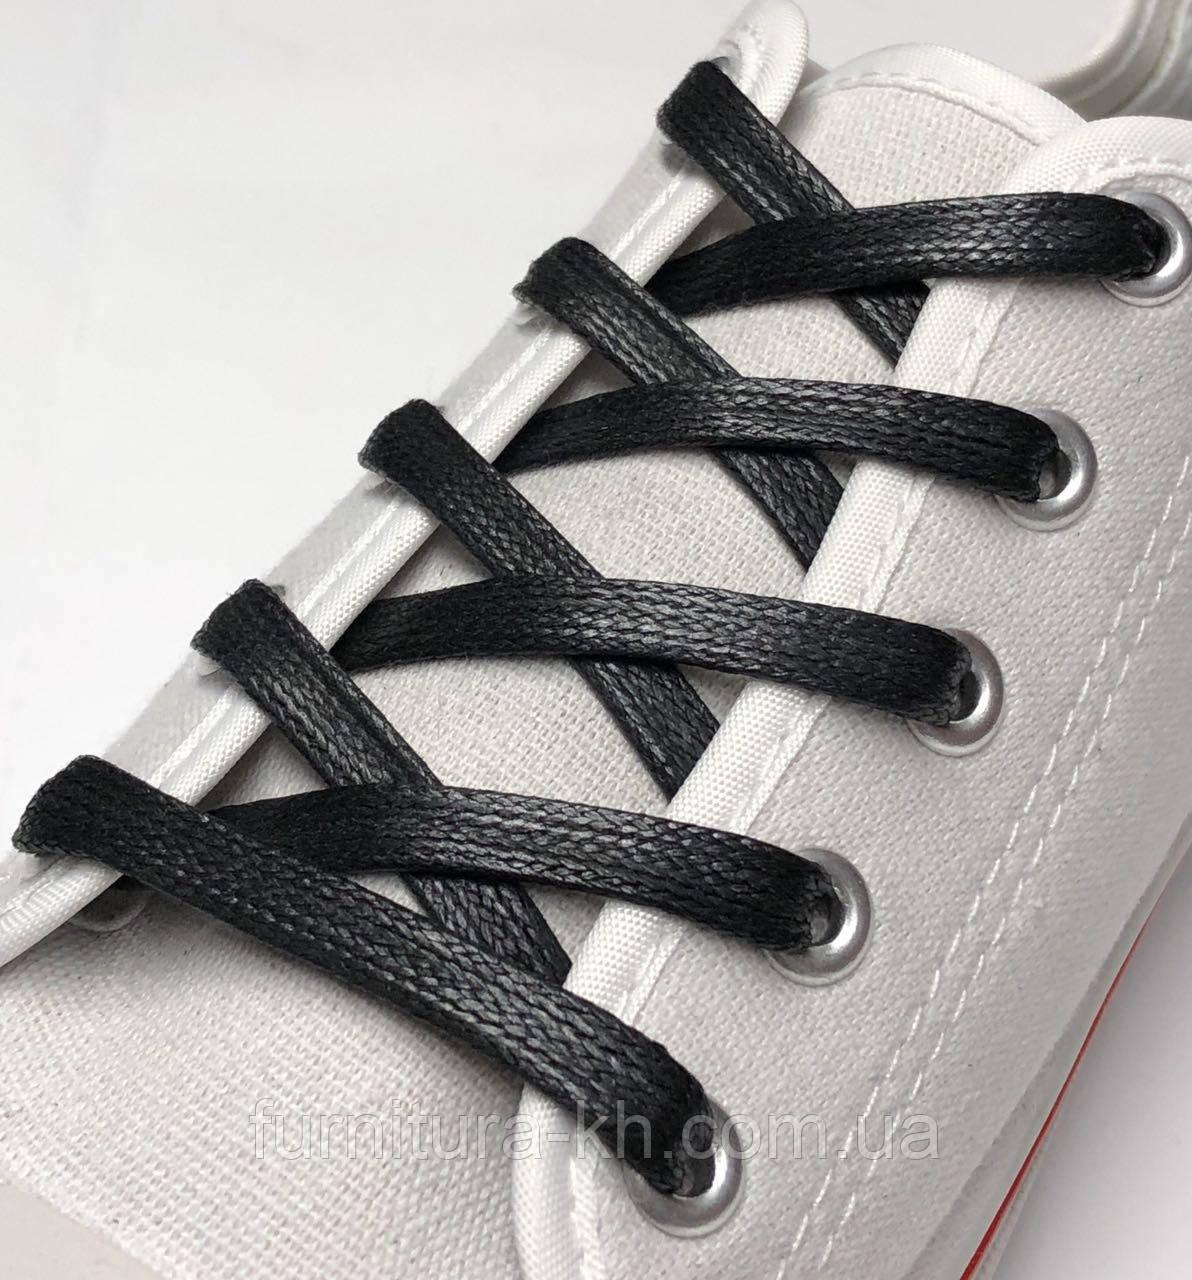 Шнурки для Обуви 200 см. Плоская Пропитка(7 мм) Цвет Черный